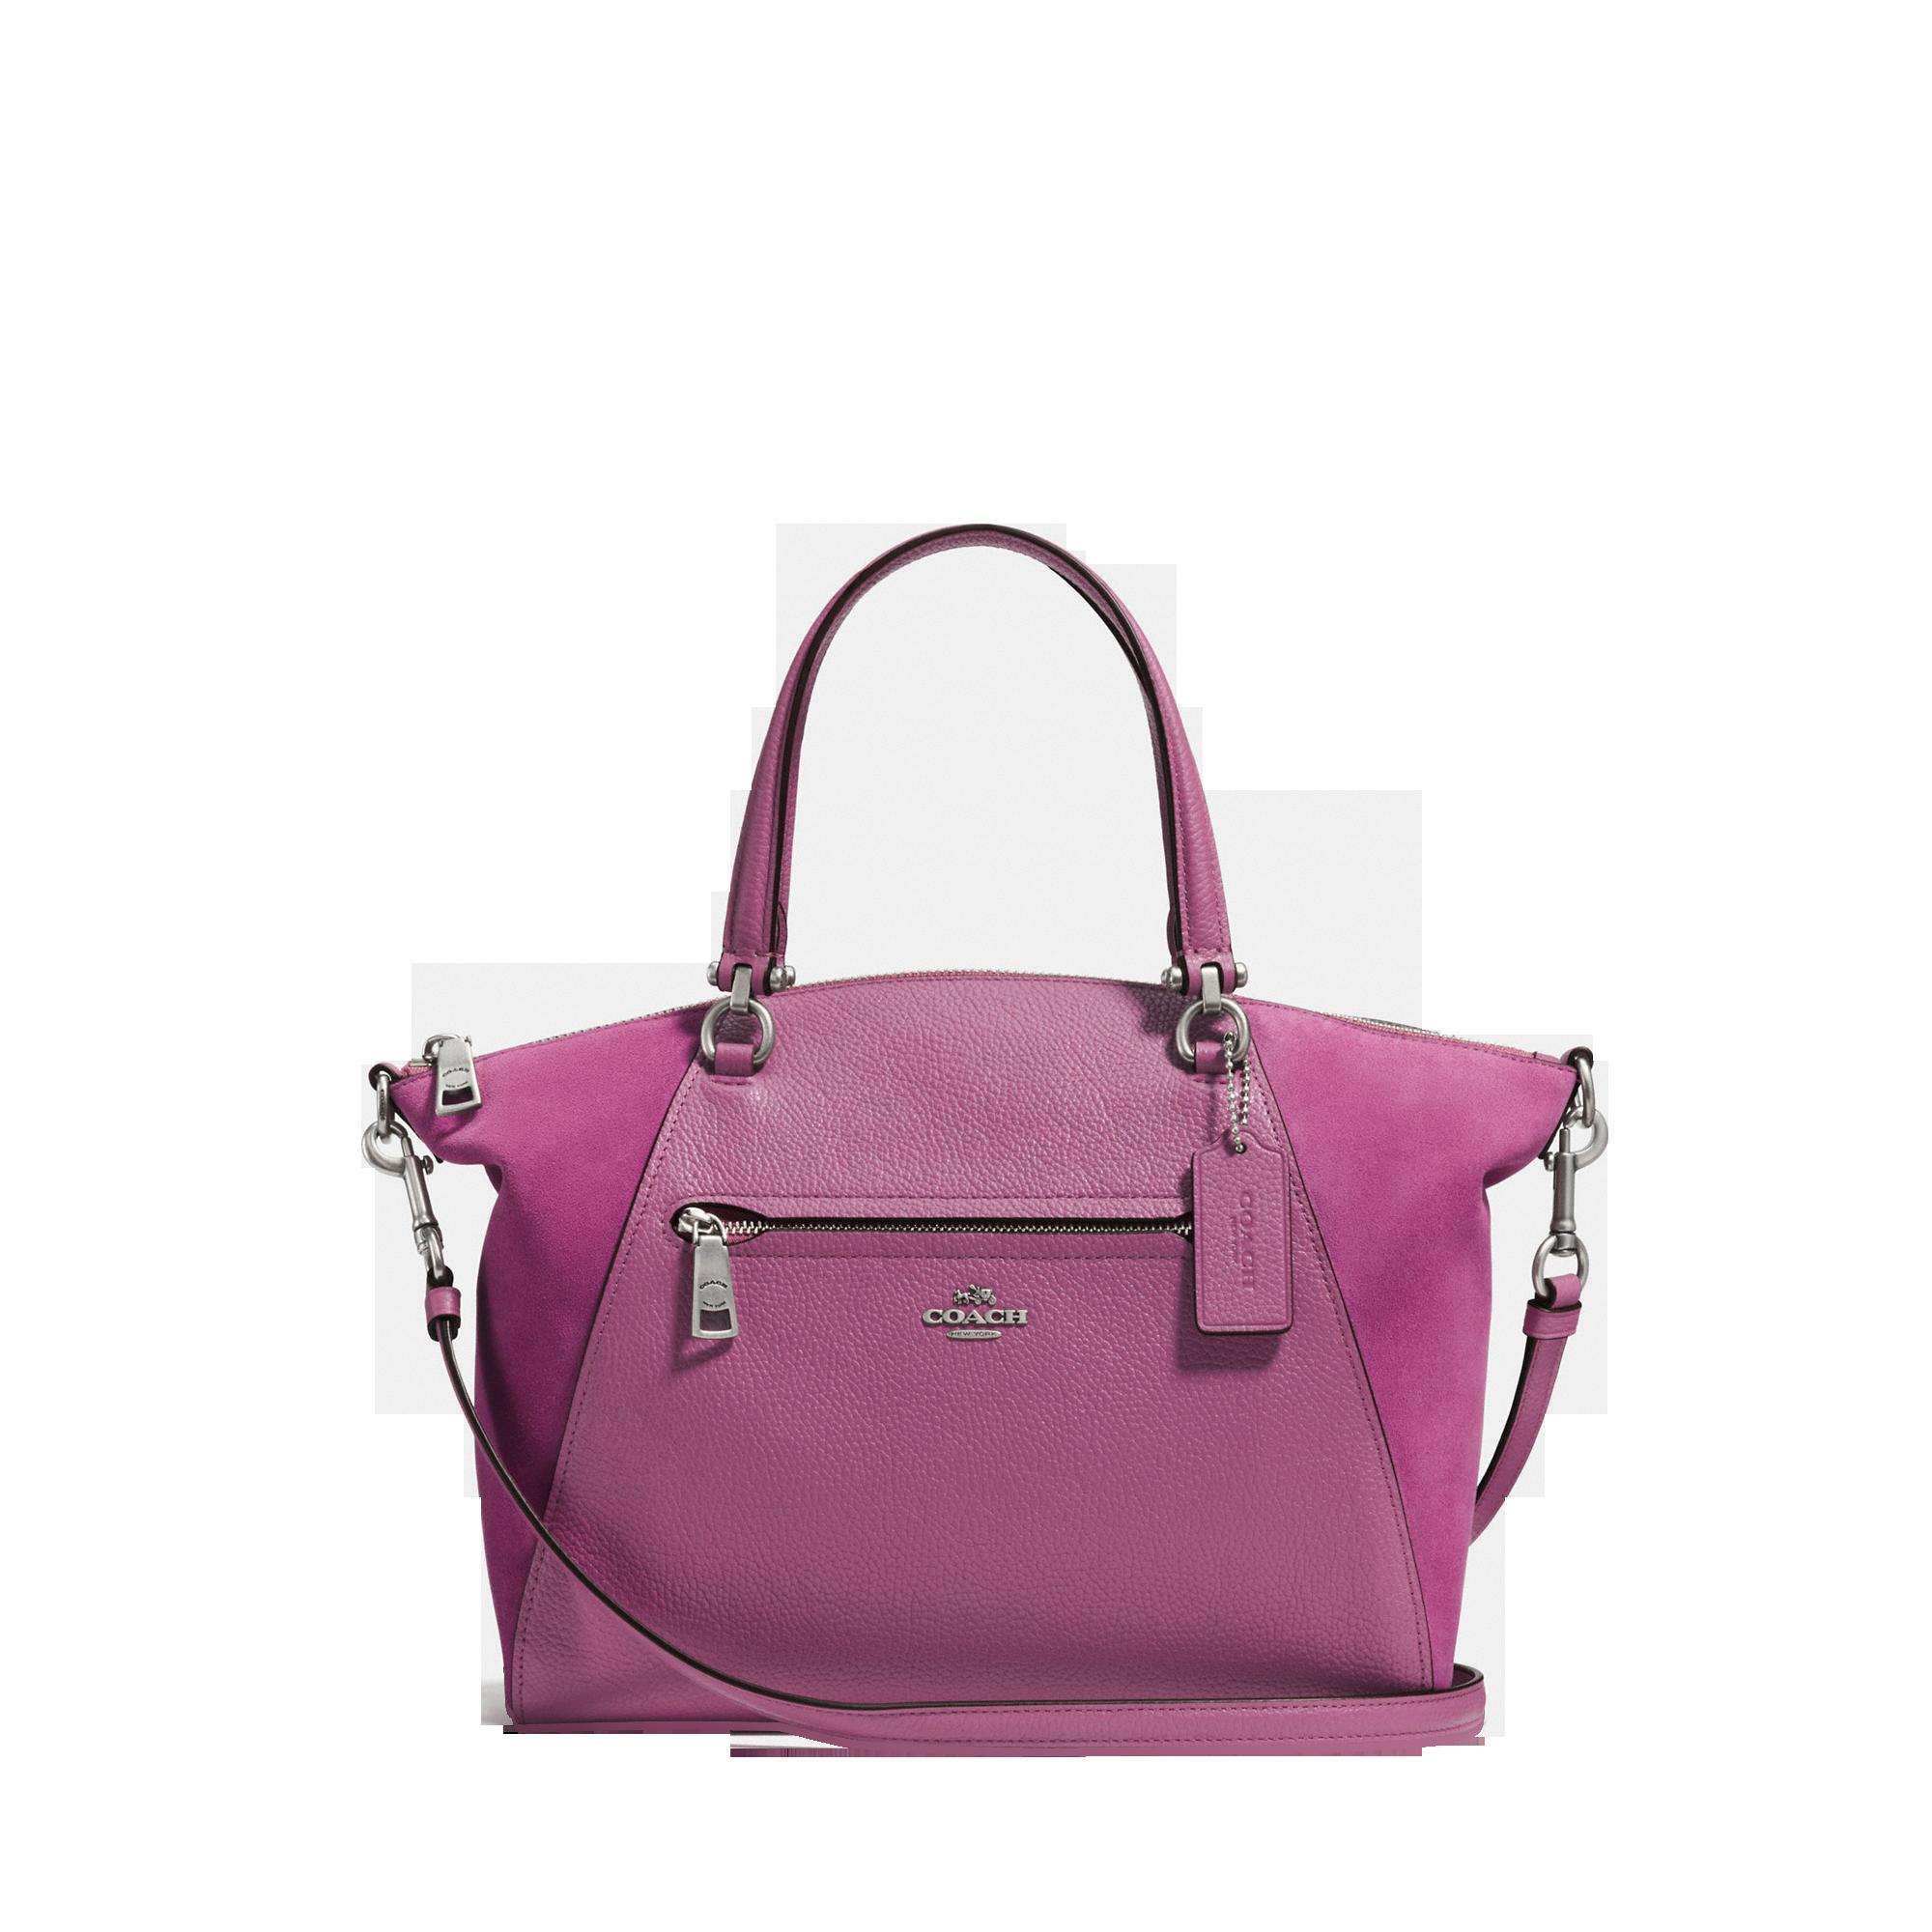 Kjøpe Billig Rekkefølge Trener Prærien Ransel Bag Klaring Kostnads Nettsteder Billig Online Billig Salg Utrolig Pris QpjHM